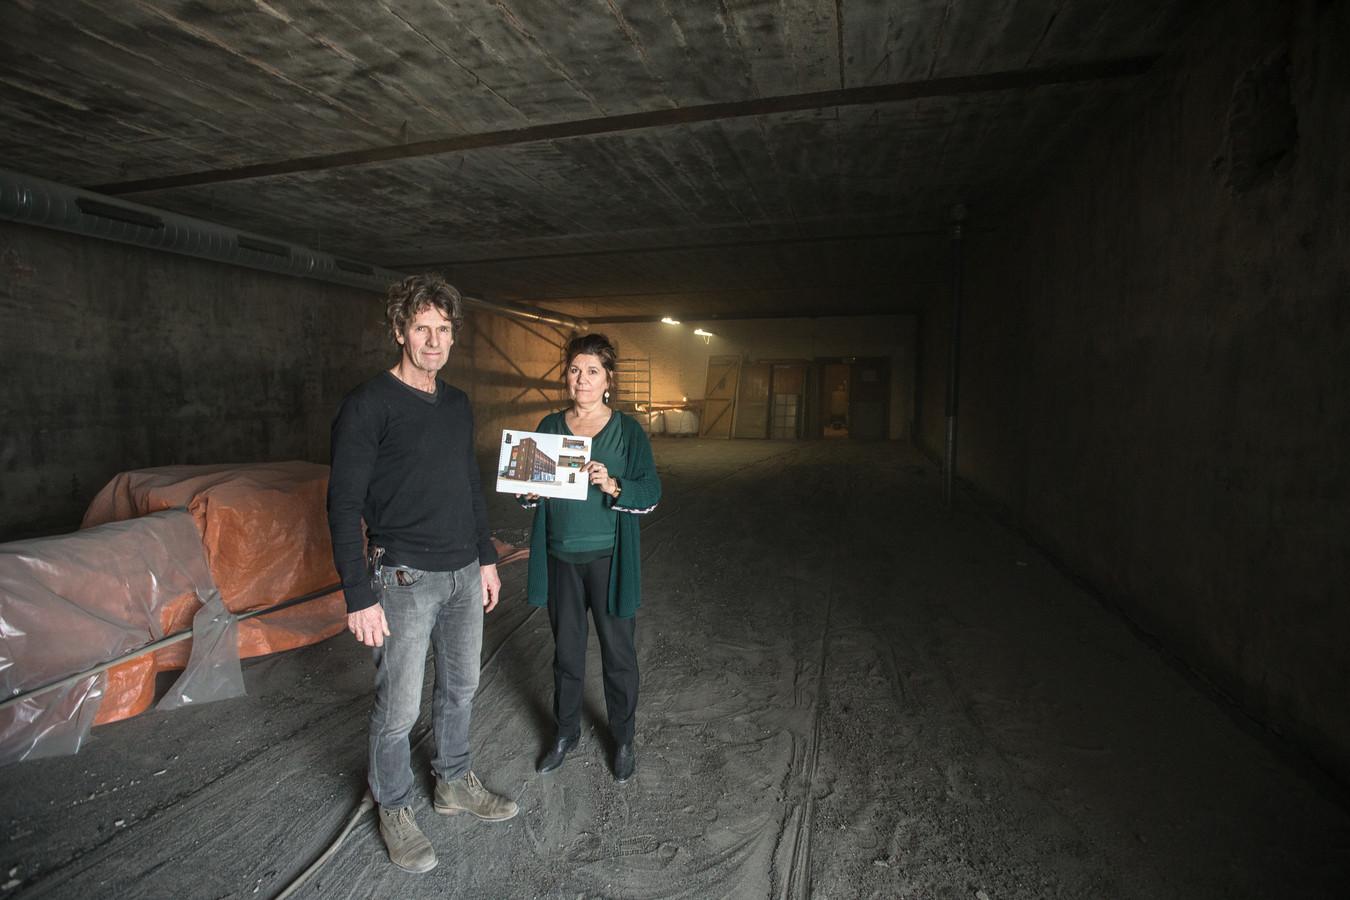 Koelhuis-eigenaren Bert Hoogeveen en Mieke van Tilburg op de derde verdieping, die in het voorjaar van 2019 werd gerenoveerd.